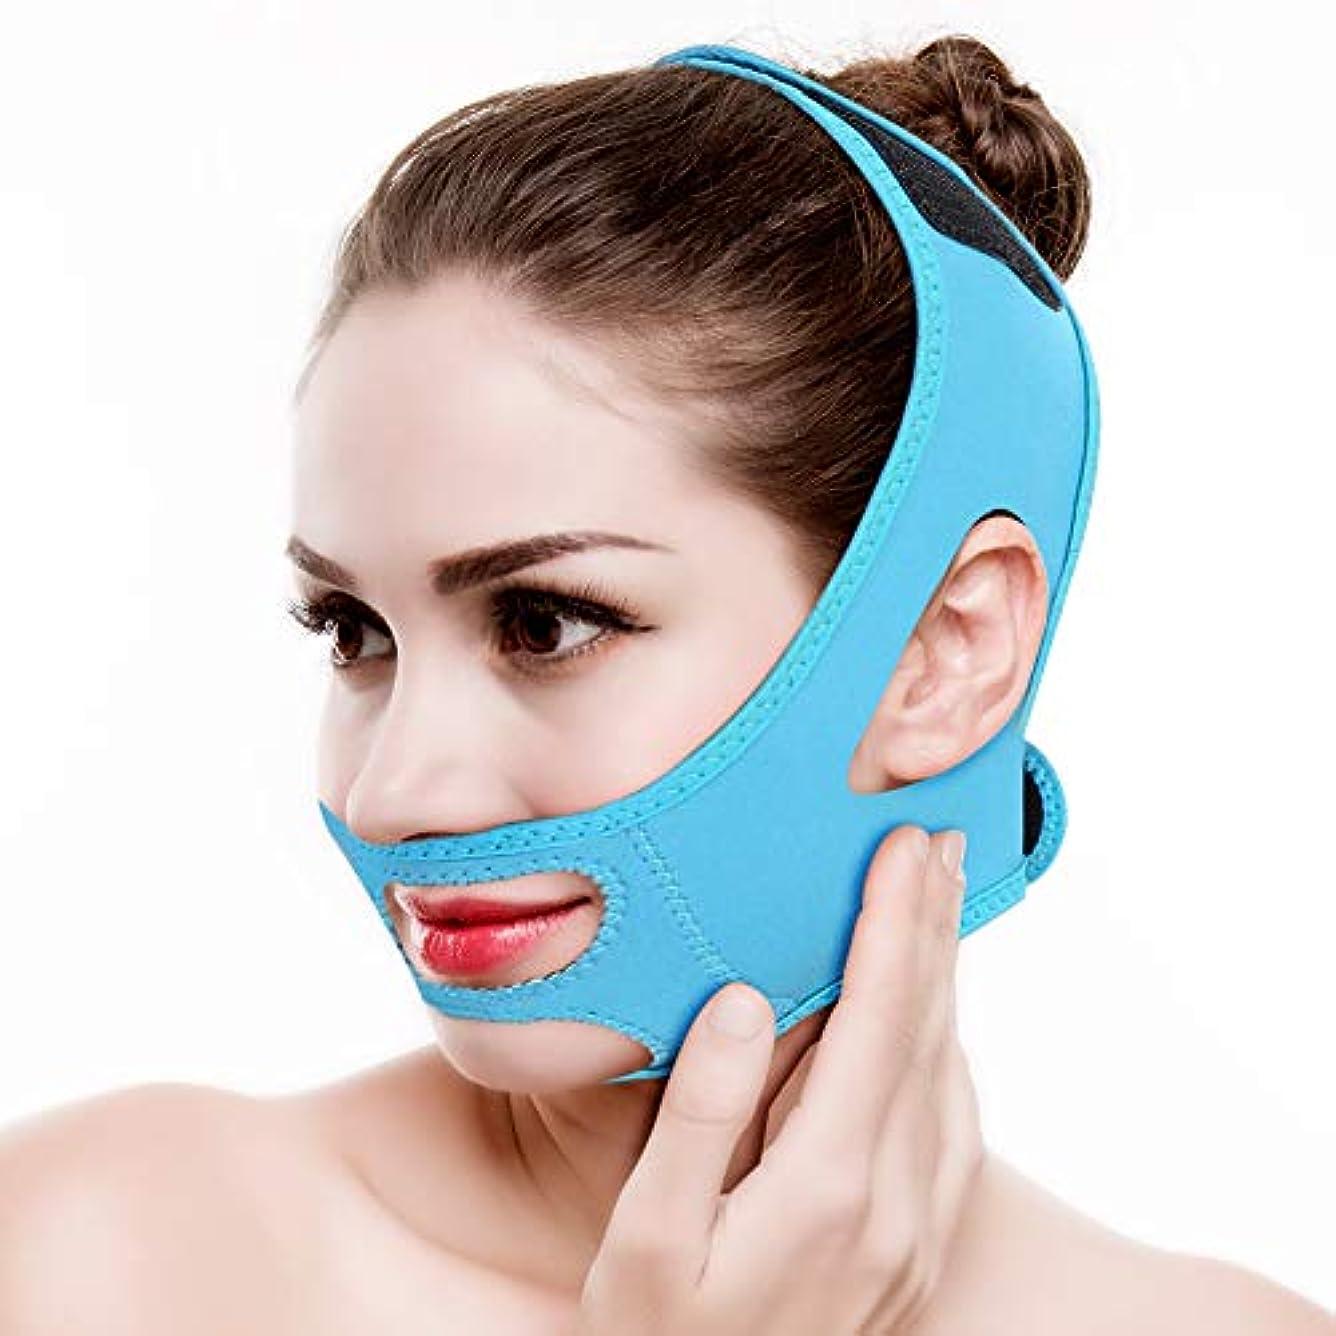 郵便番号極めて必要としているフェイスリフティングベルト,顔の痩身包帯フェイシャルスリミング包帯ベルトマスクフェイスリフトダブルチンスキンストラップフェイススリミング包帯小 顔 美顔 矯正、顎リフト フェイススリミングマスク (Blue)